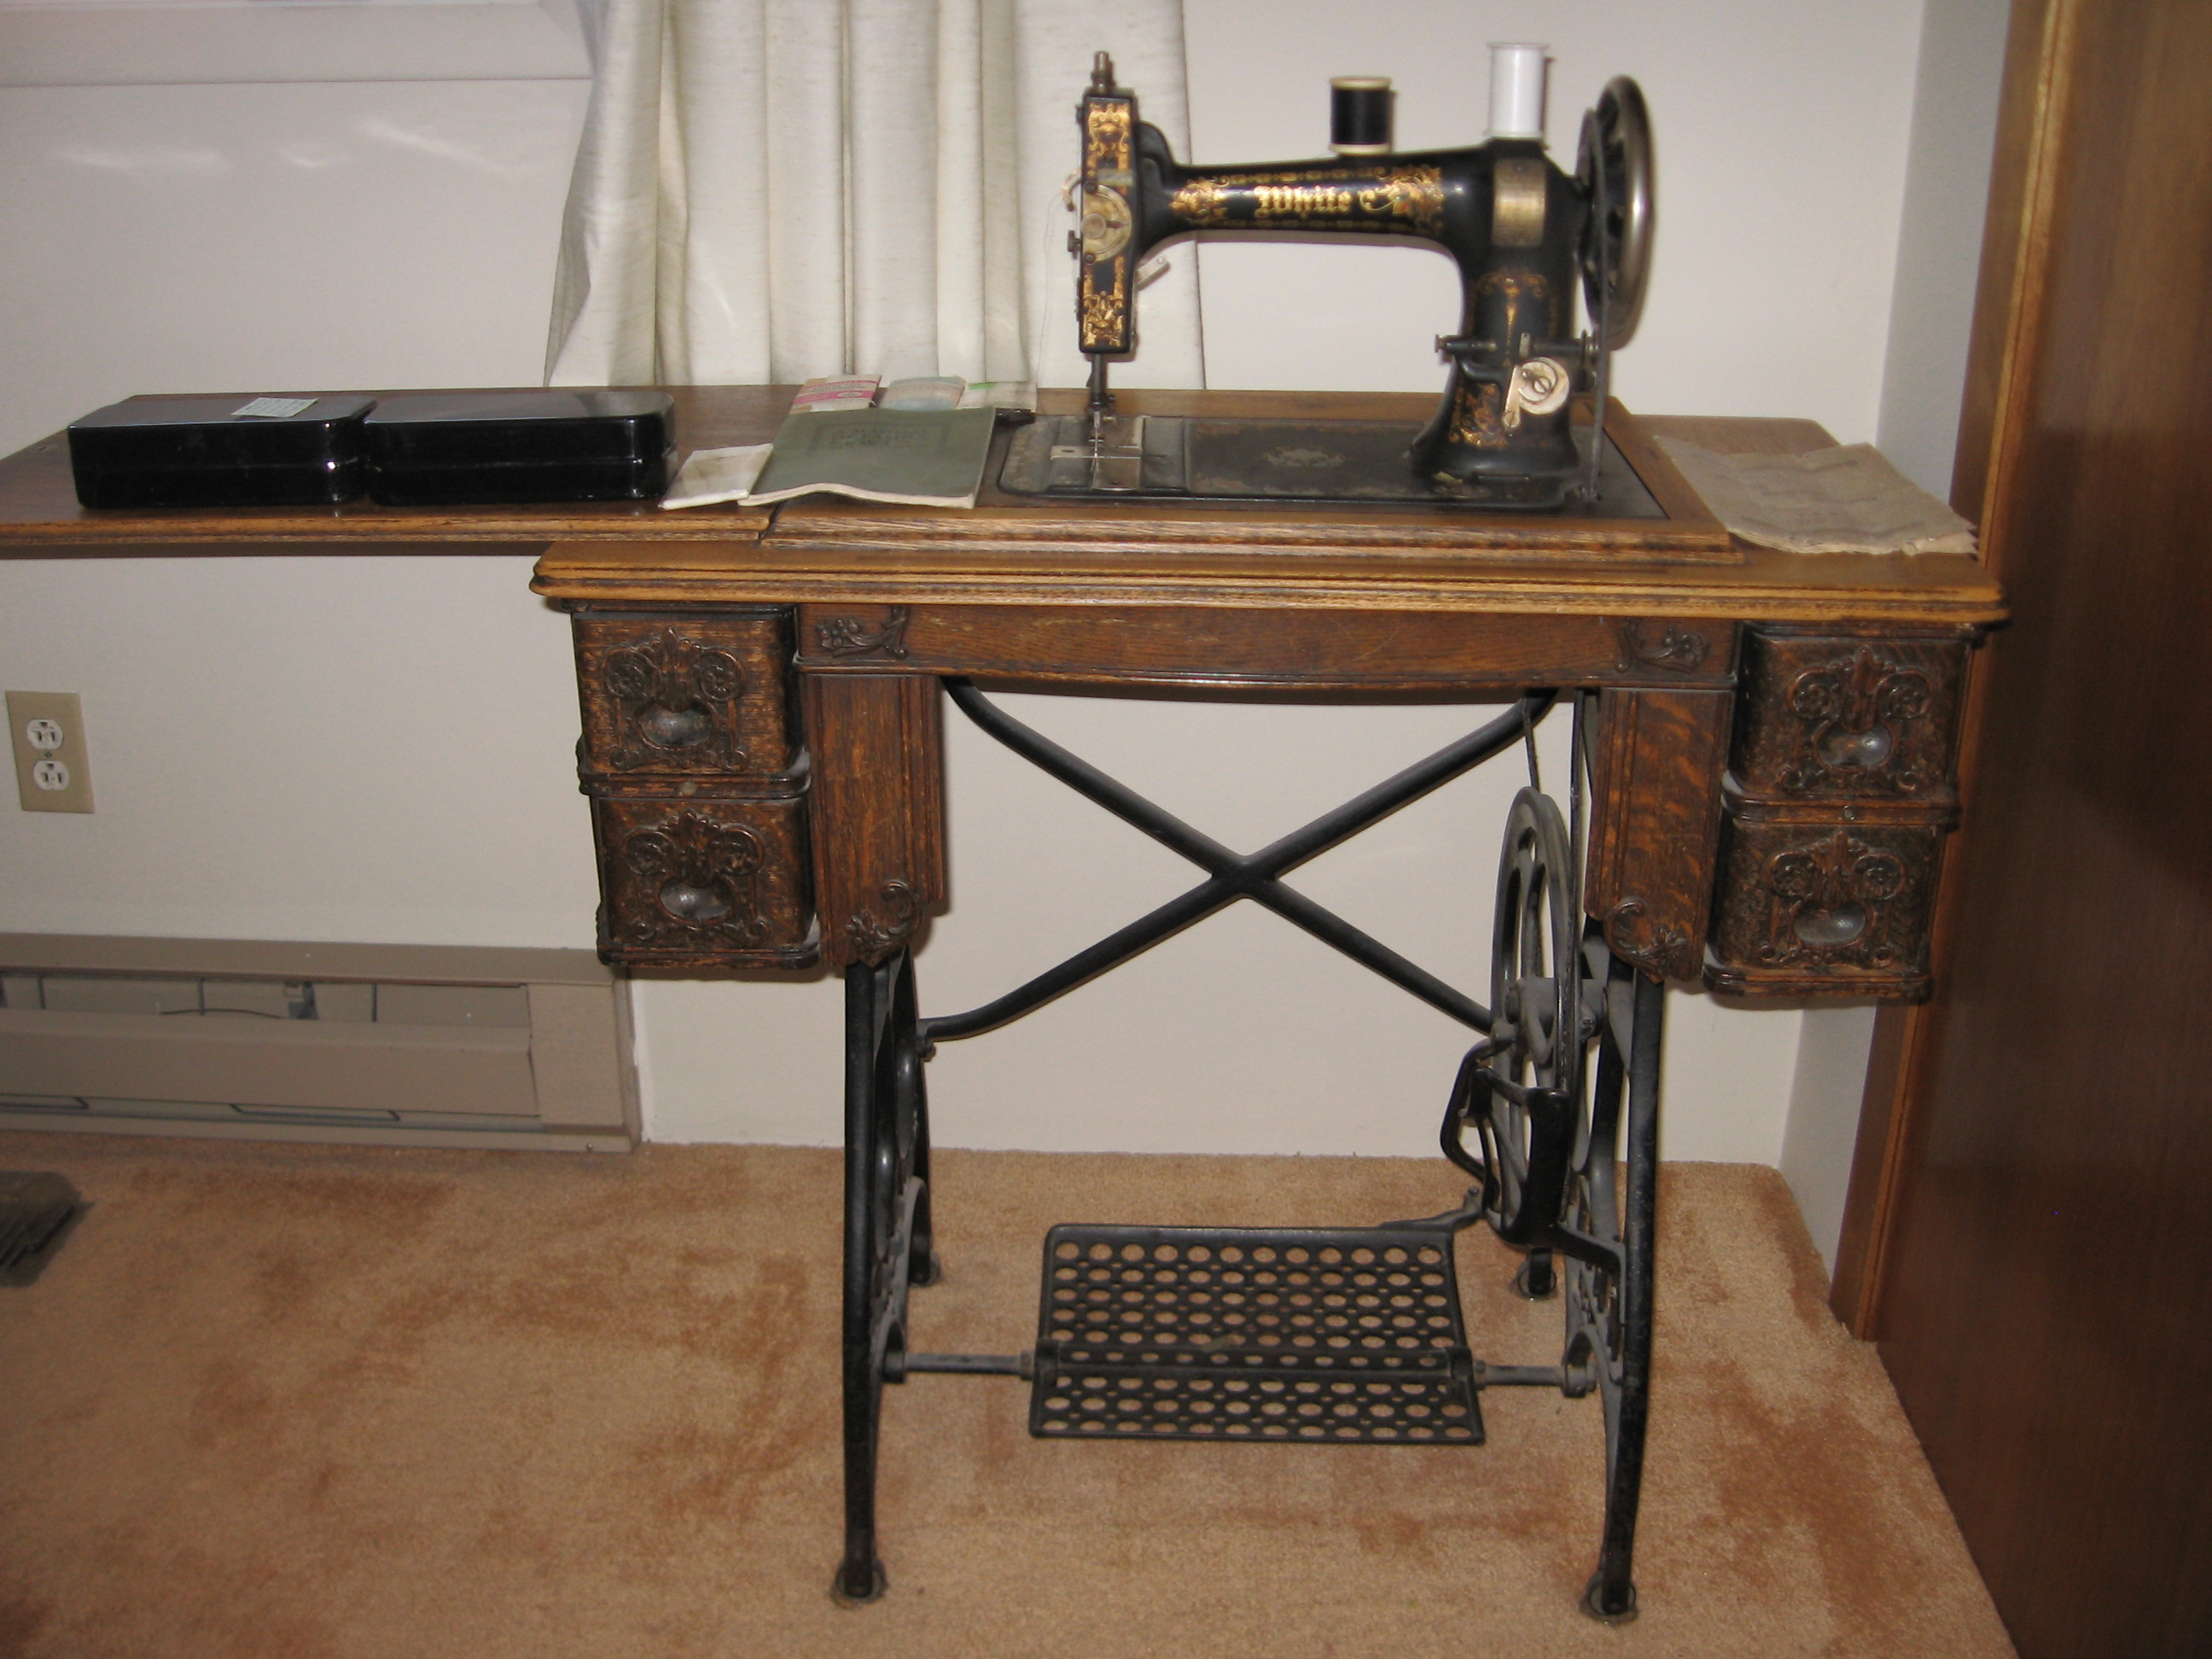 Antique Singer Sewing Machine Value - LoveToKnow Singer sewing machine value by serial number